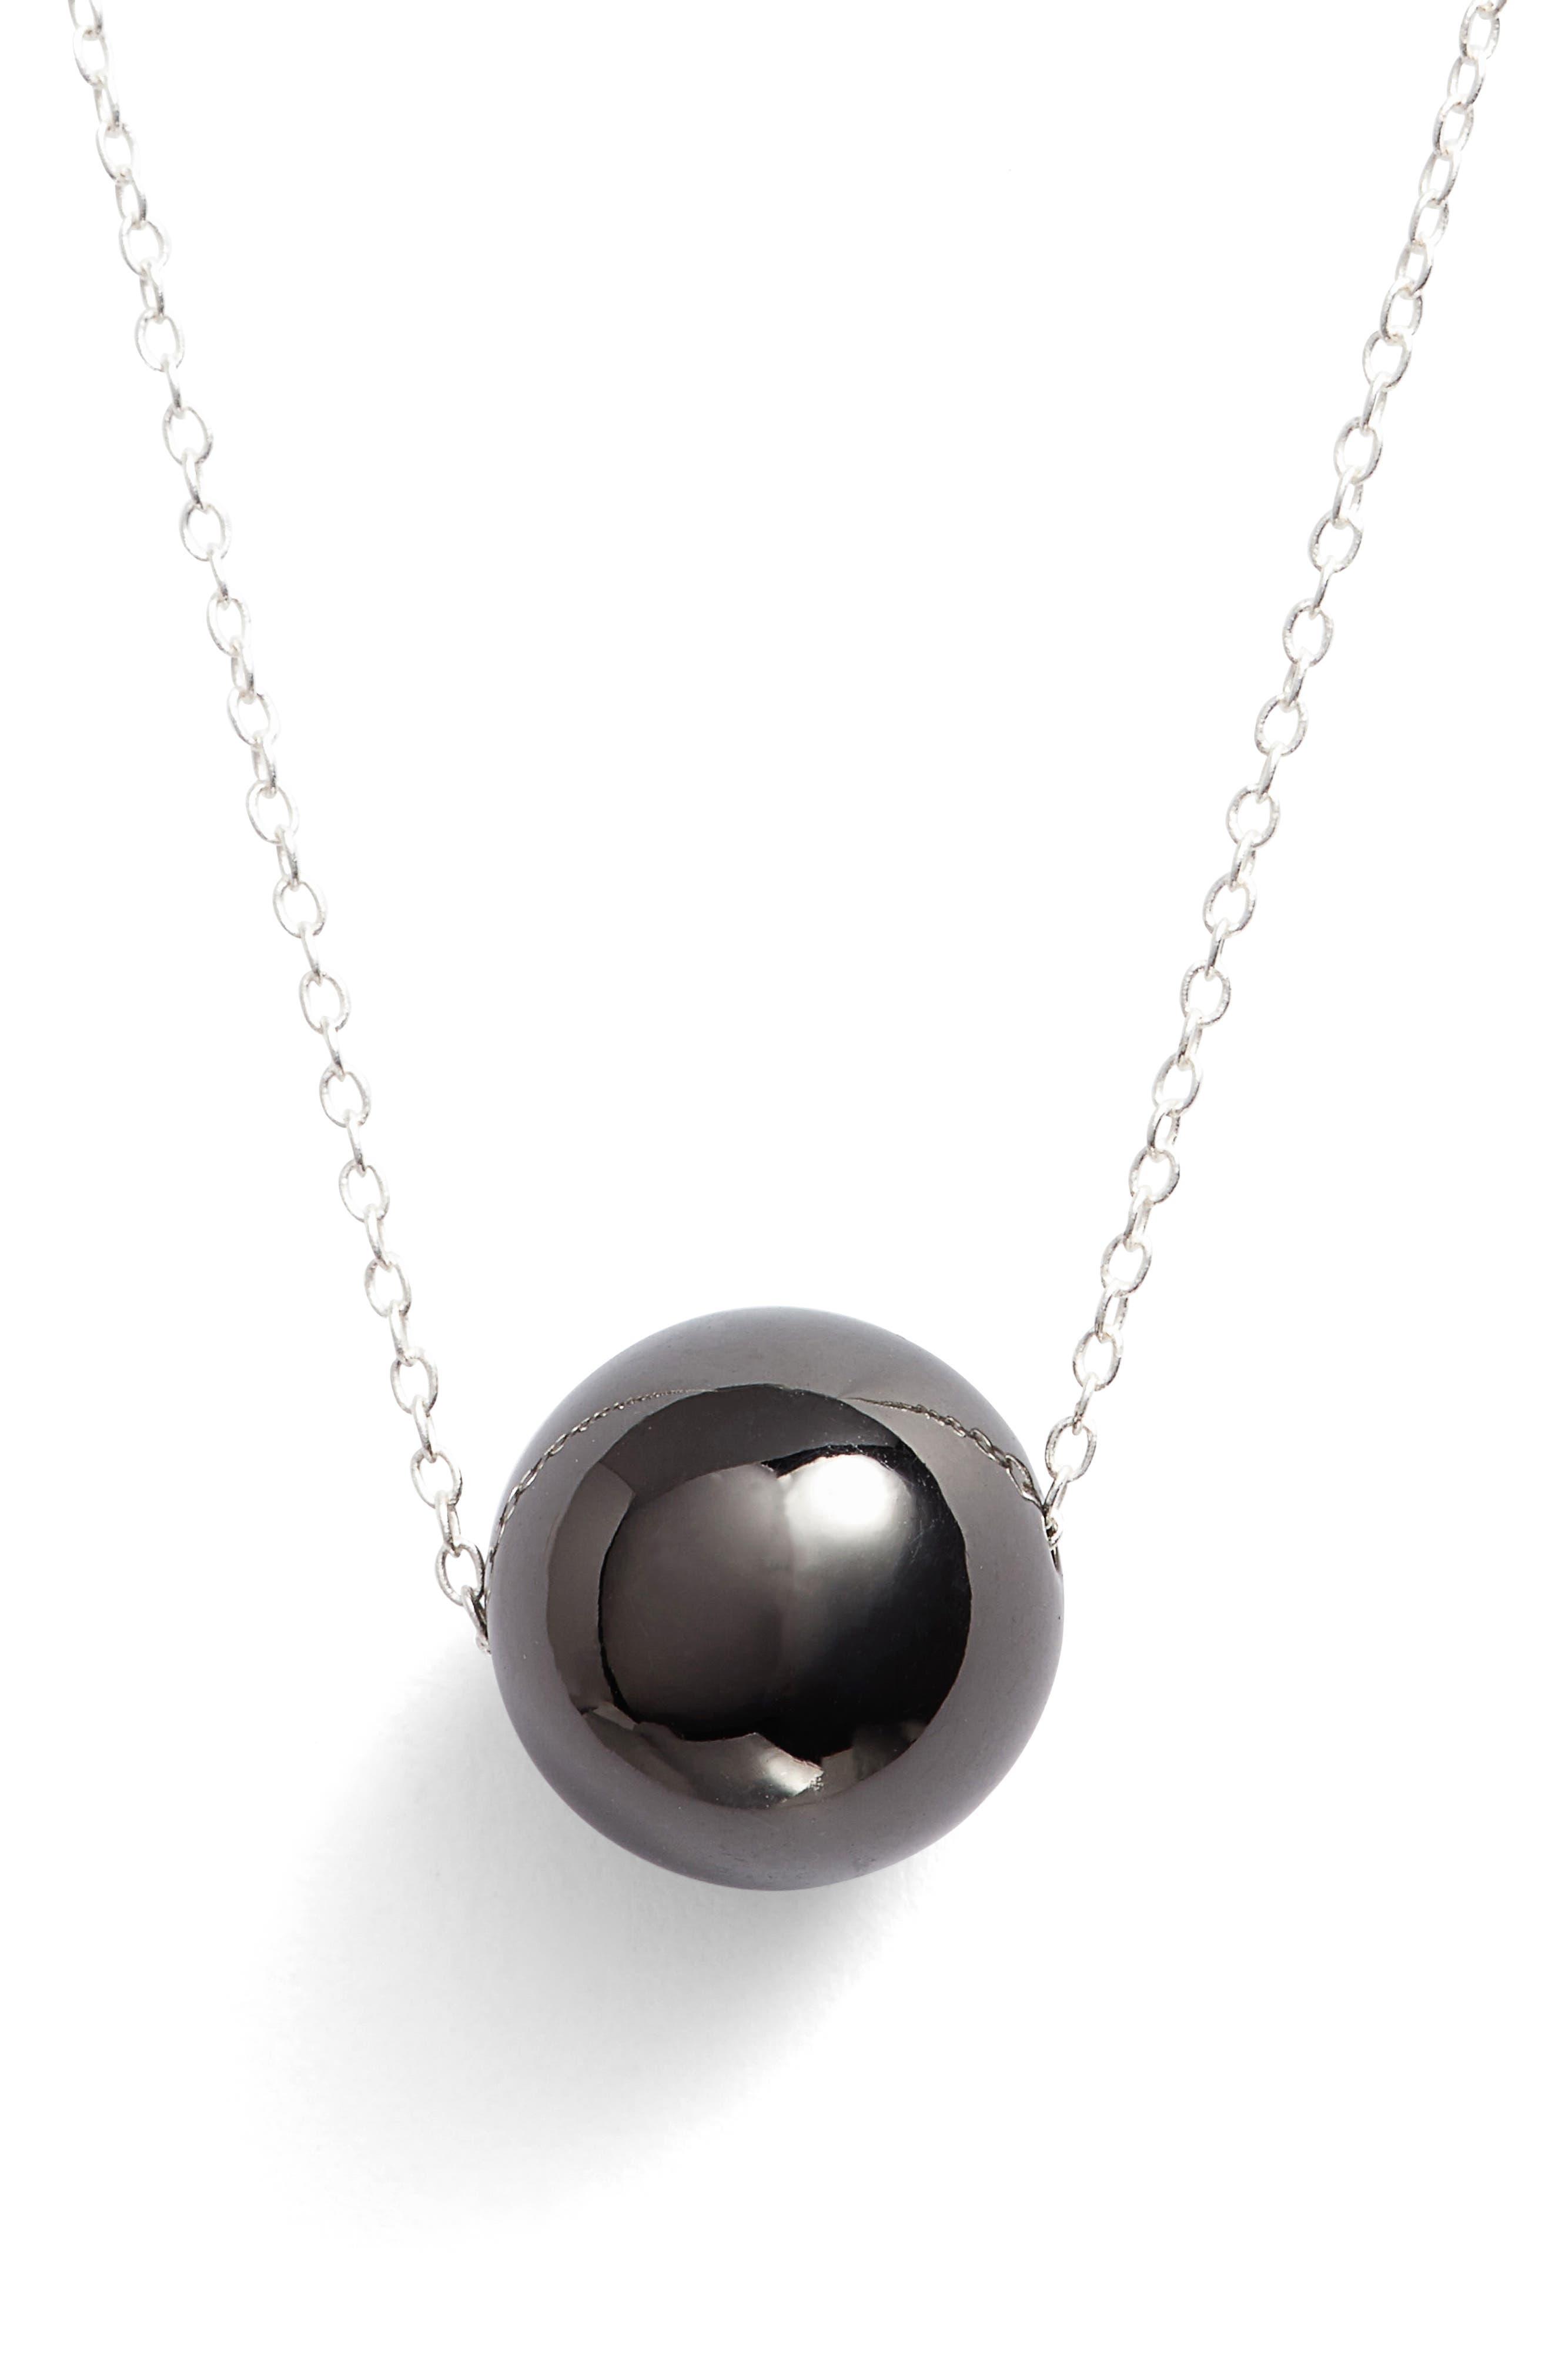 Sphere Pendant Necklace,                             Main thumbnail 1, color,                             040